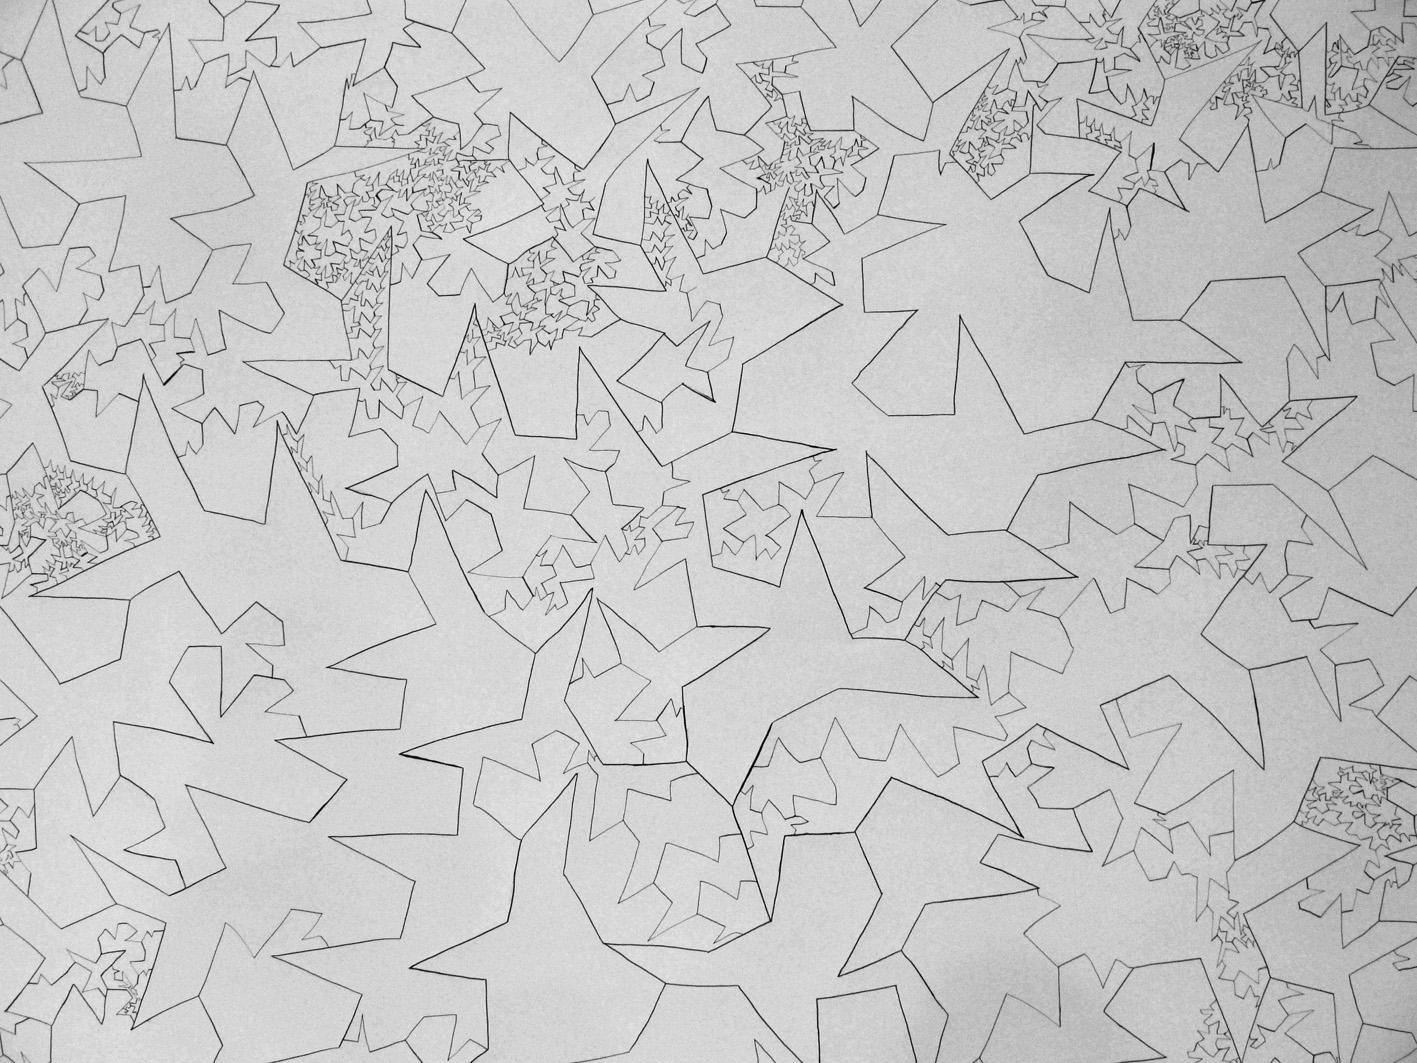 tegning-sort-hvid